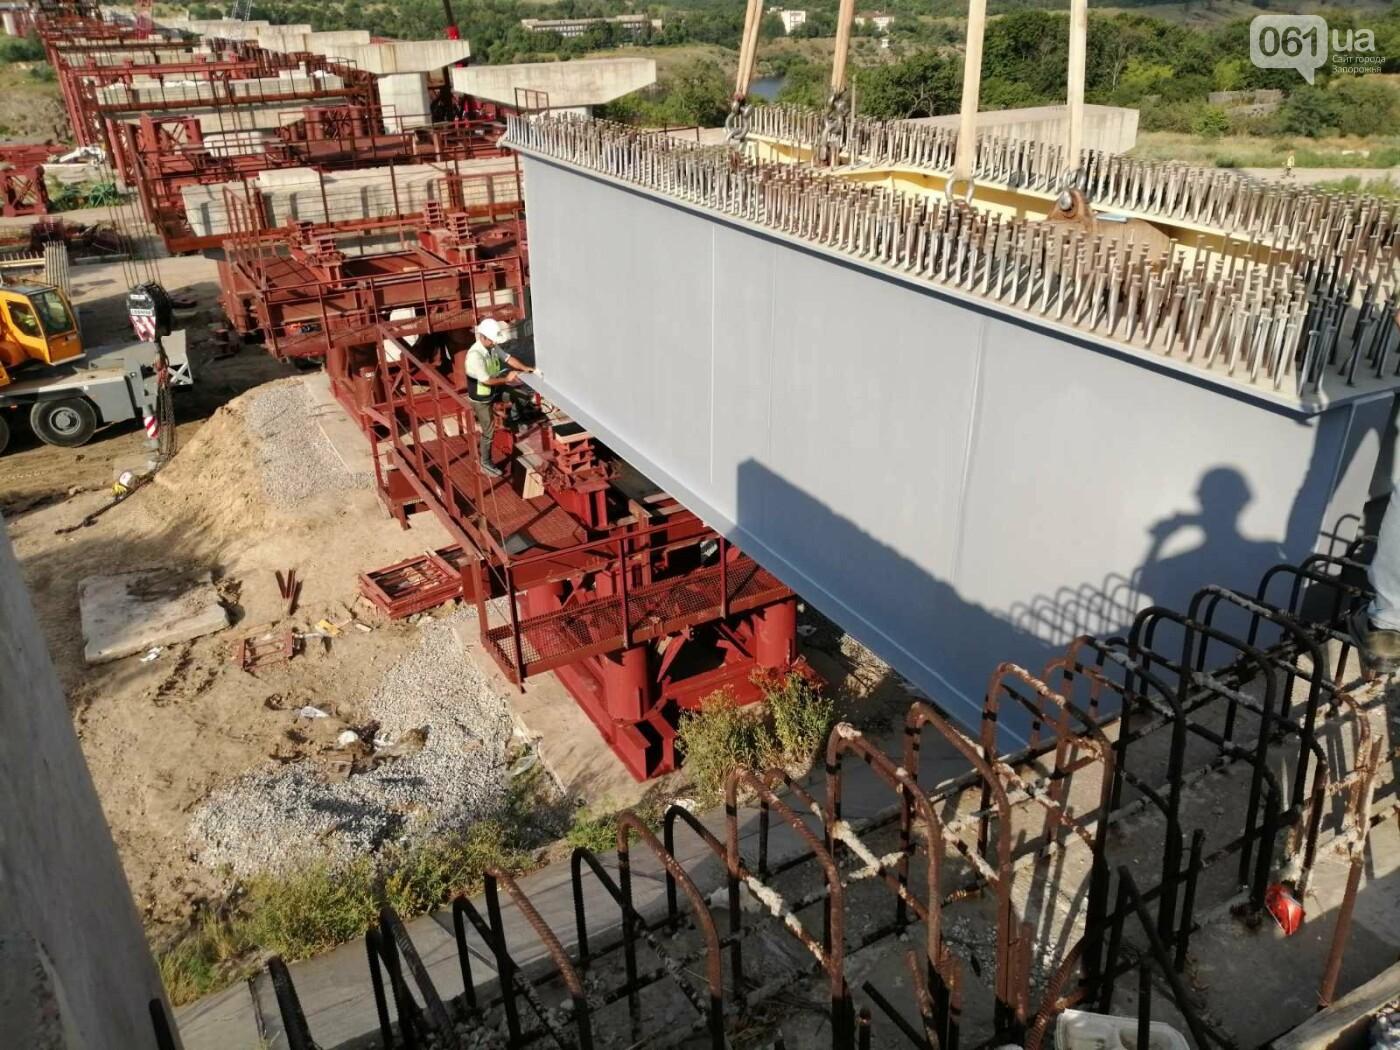 В Запорожье полным ходом идут монтажные работы на мостах через Днепр, - ФОТО, фото-2